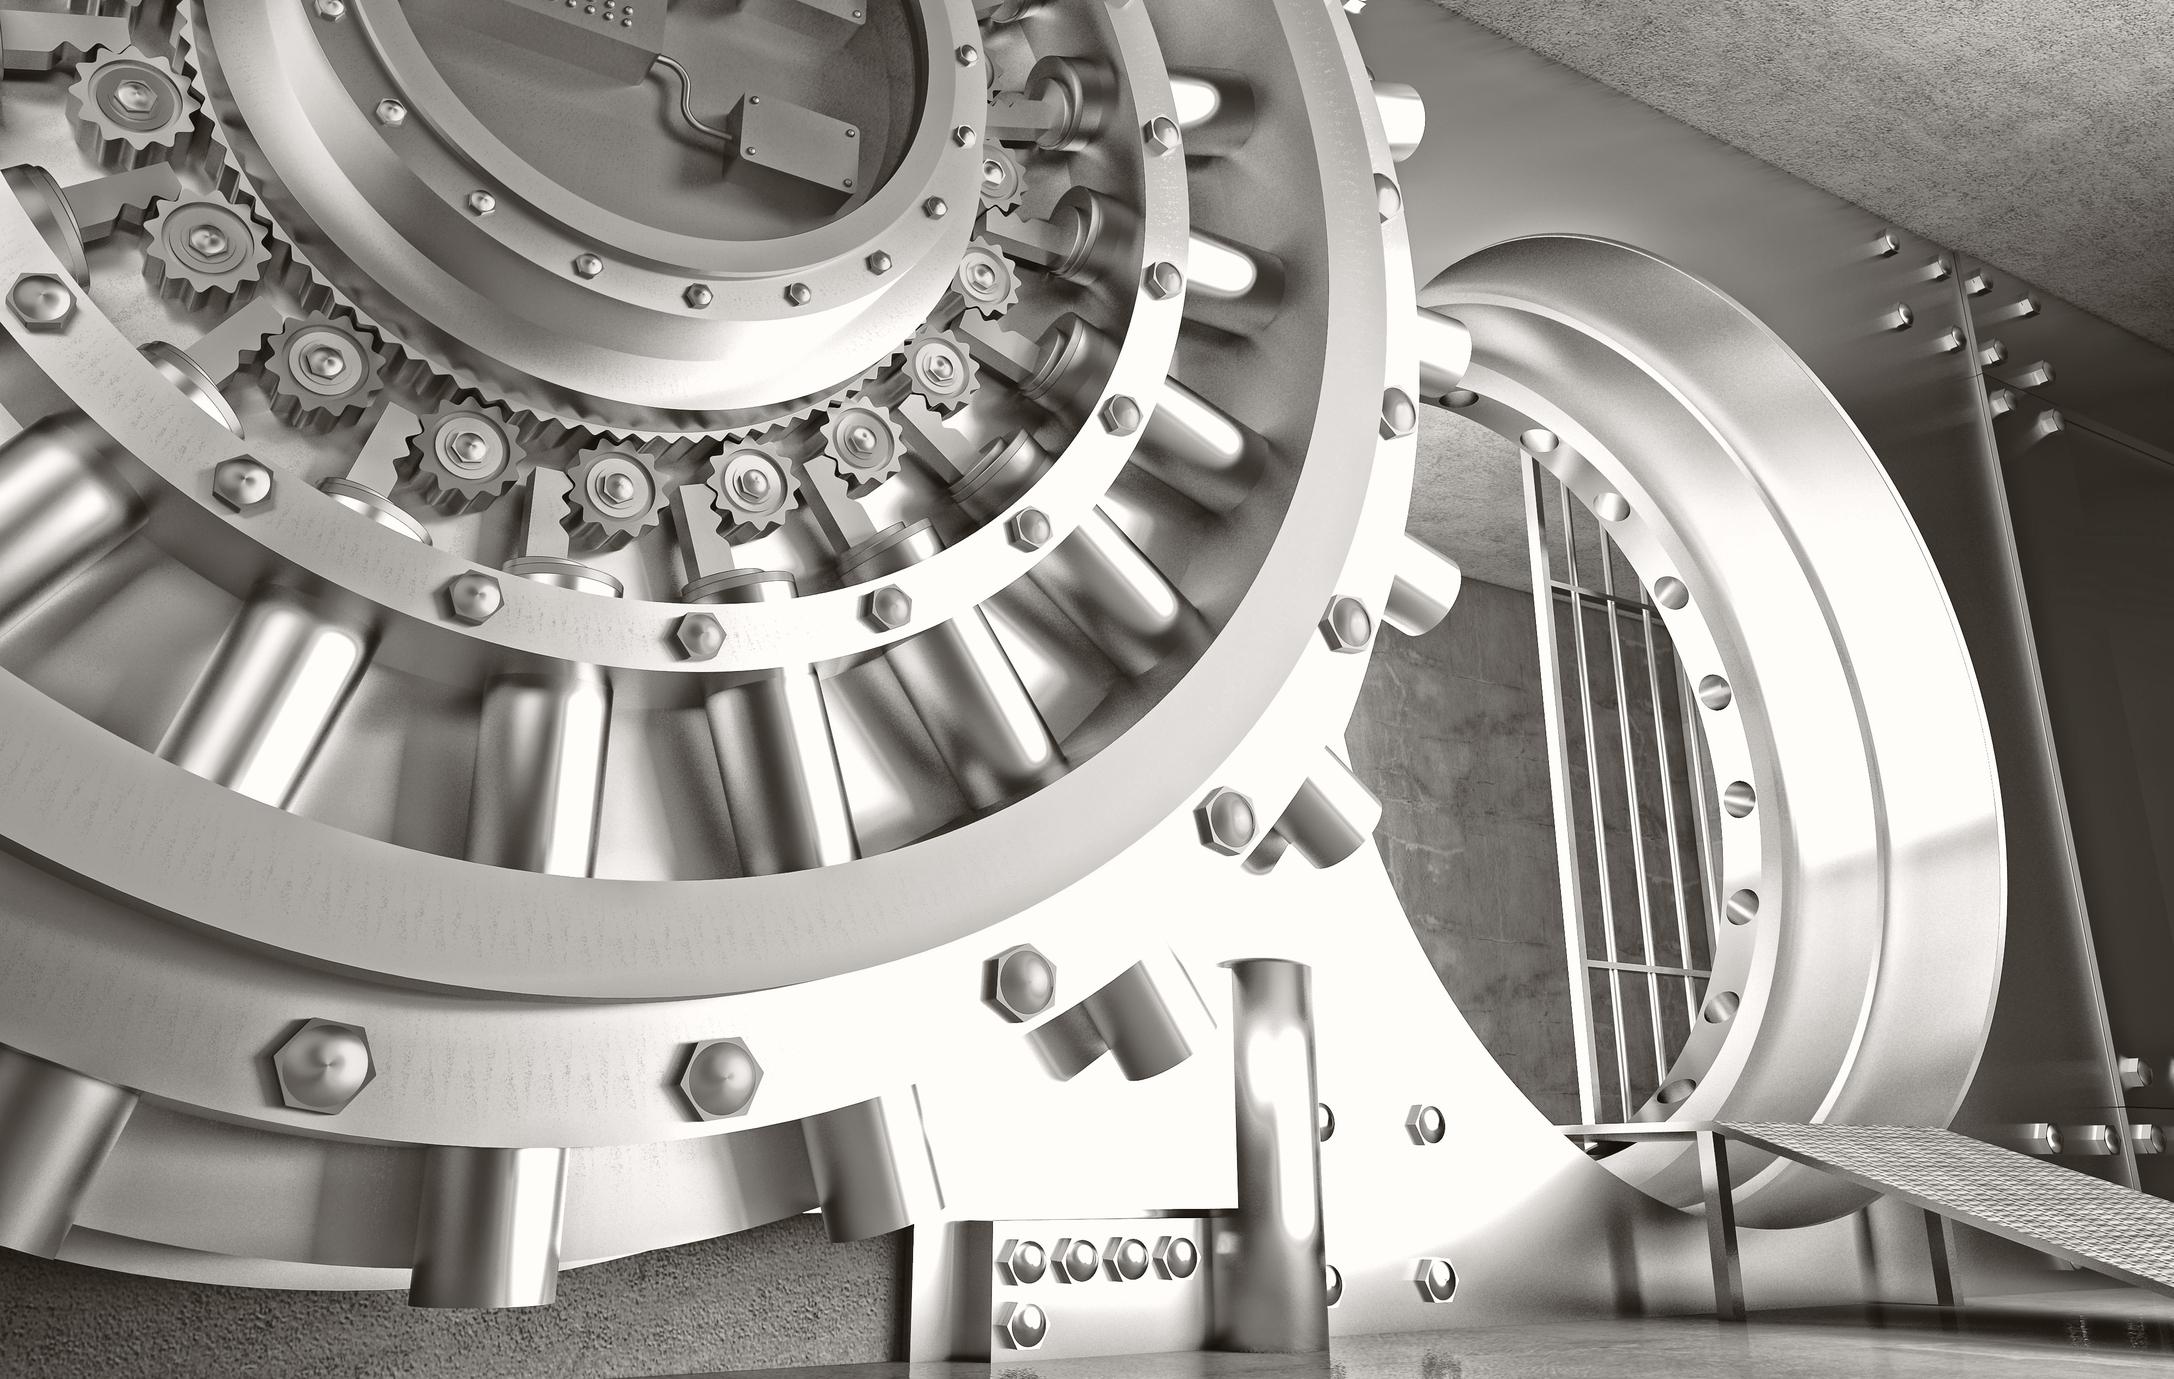 The open door of a bank vault.